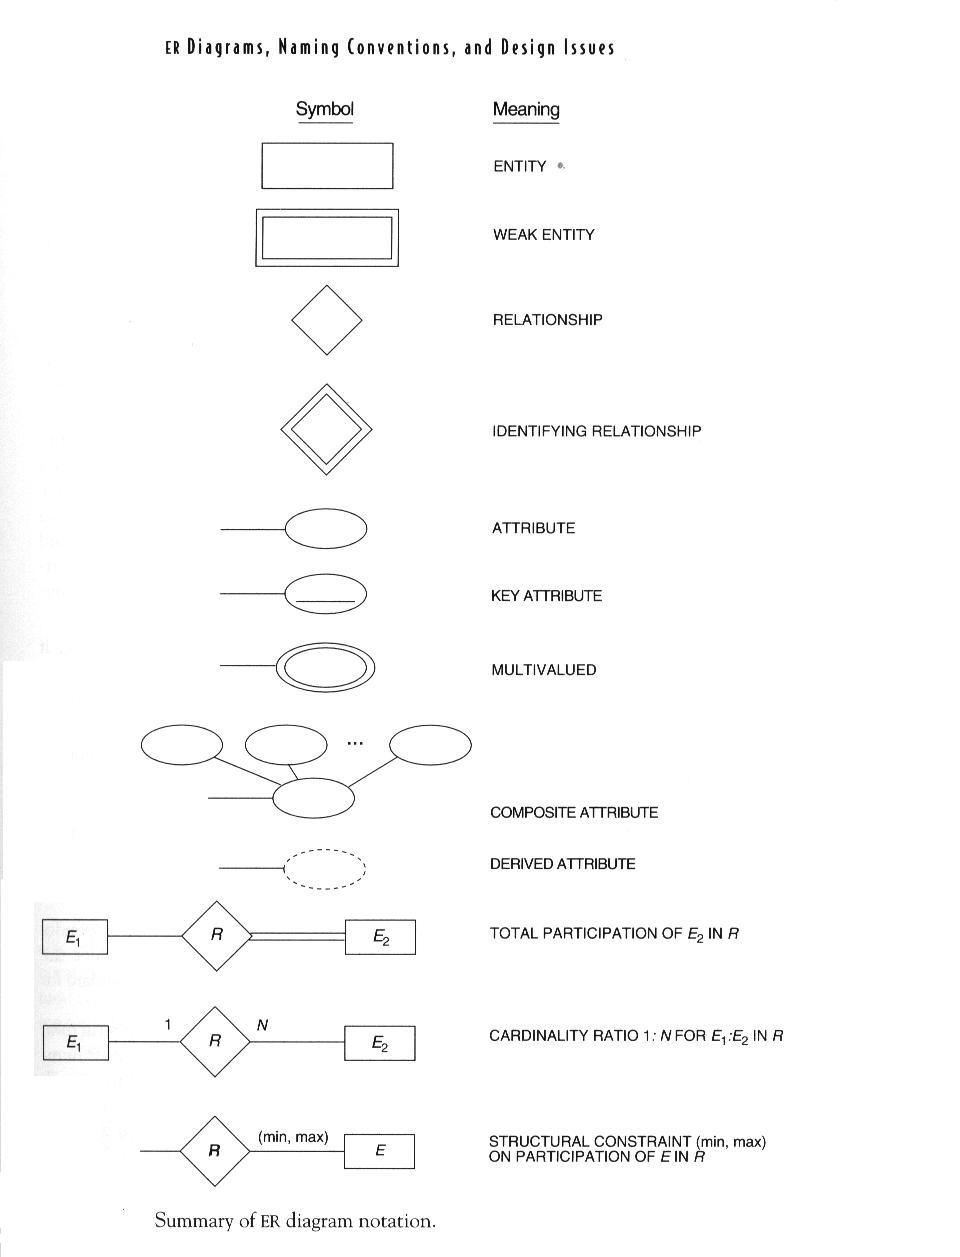 หน่วยที่ 4 แนวคิด Entity-Relationship Model - ระบบฐานข้อมูล regarding Er Diagram 8Nv